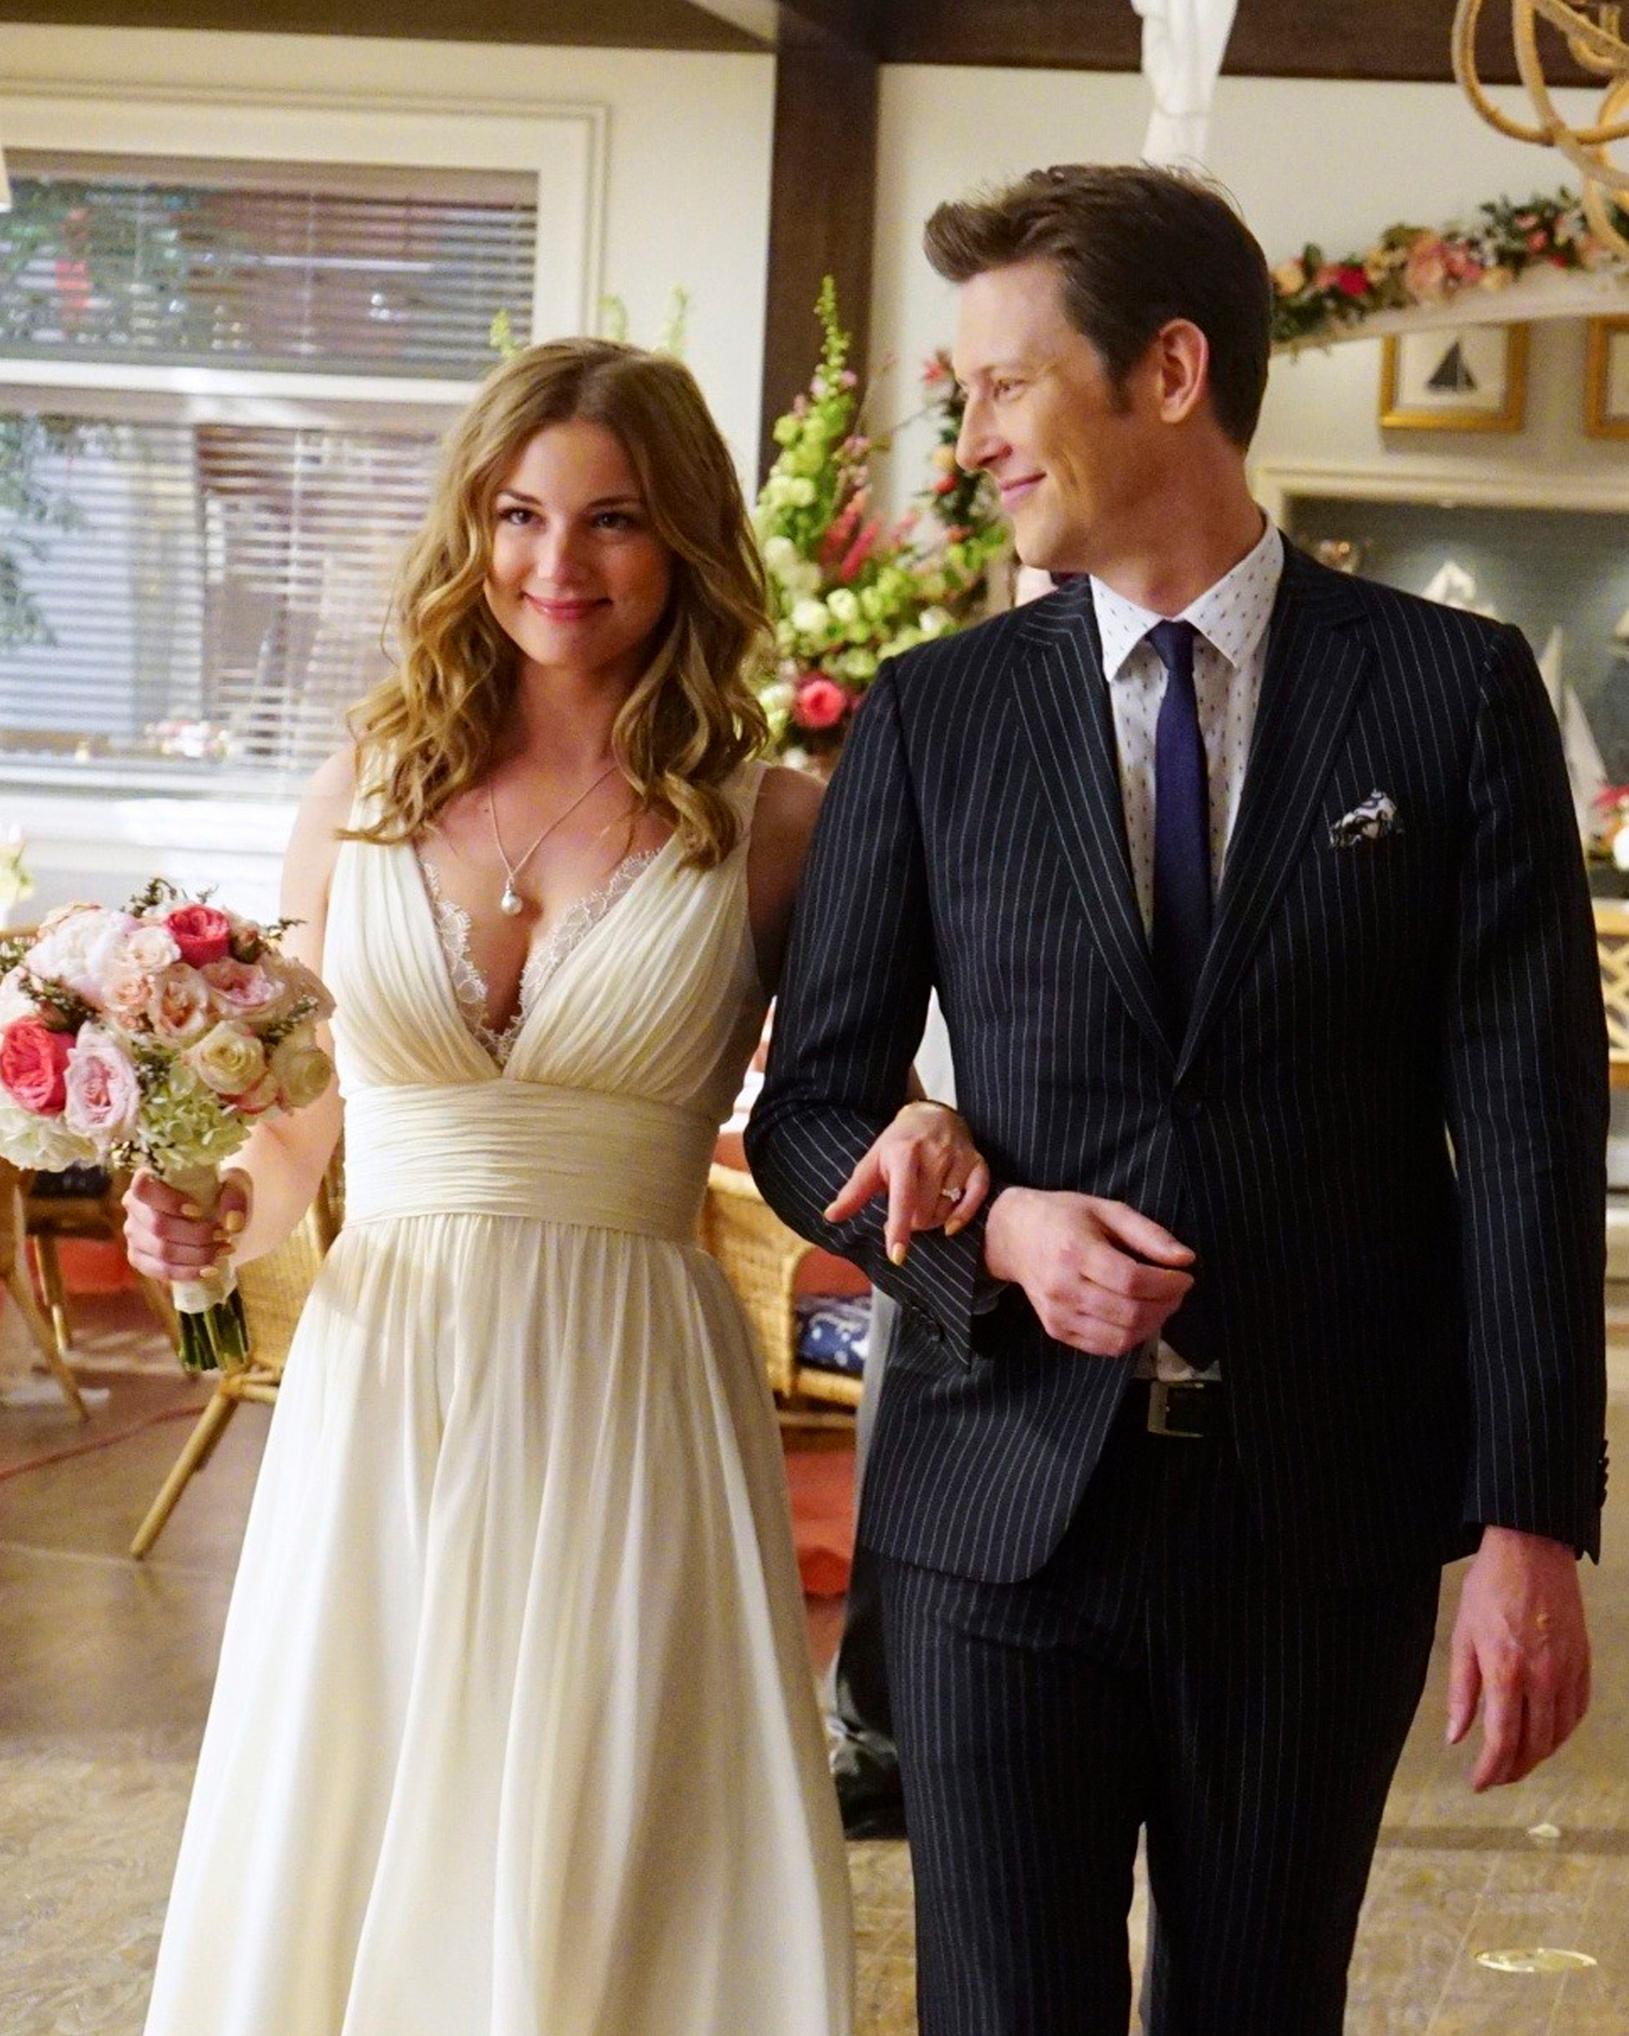 tv-wedding-dresses-revenge-emily-1115.jpg